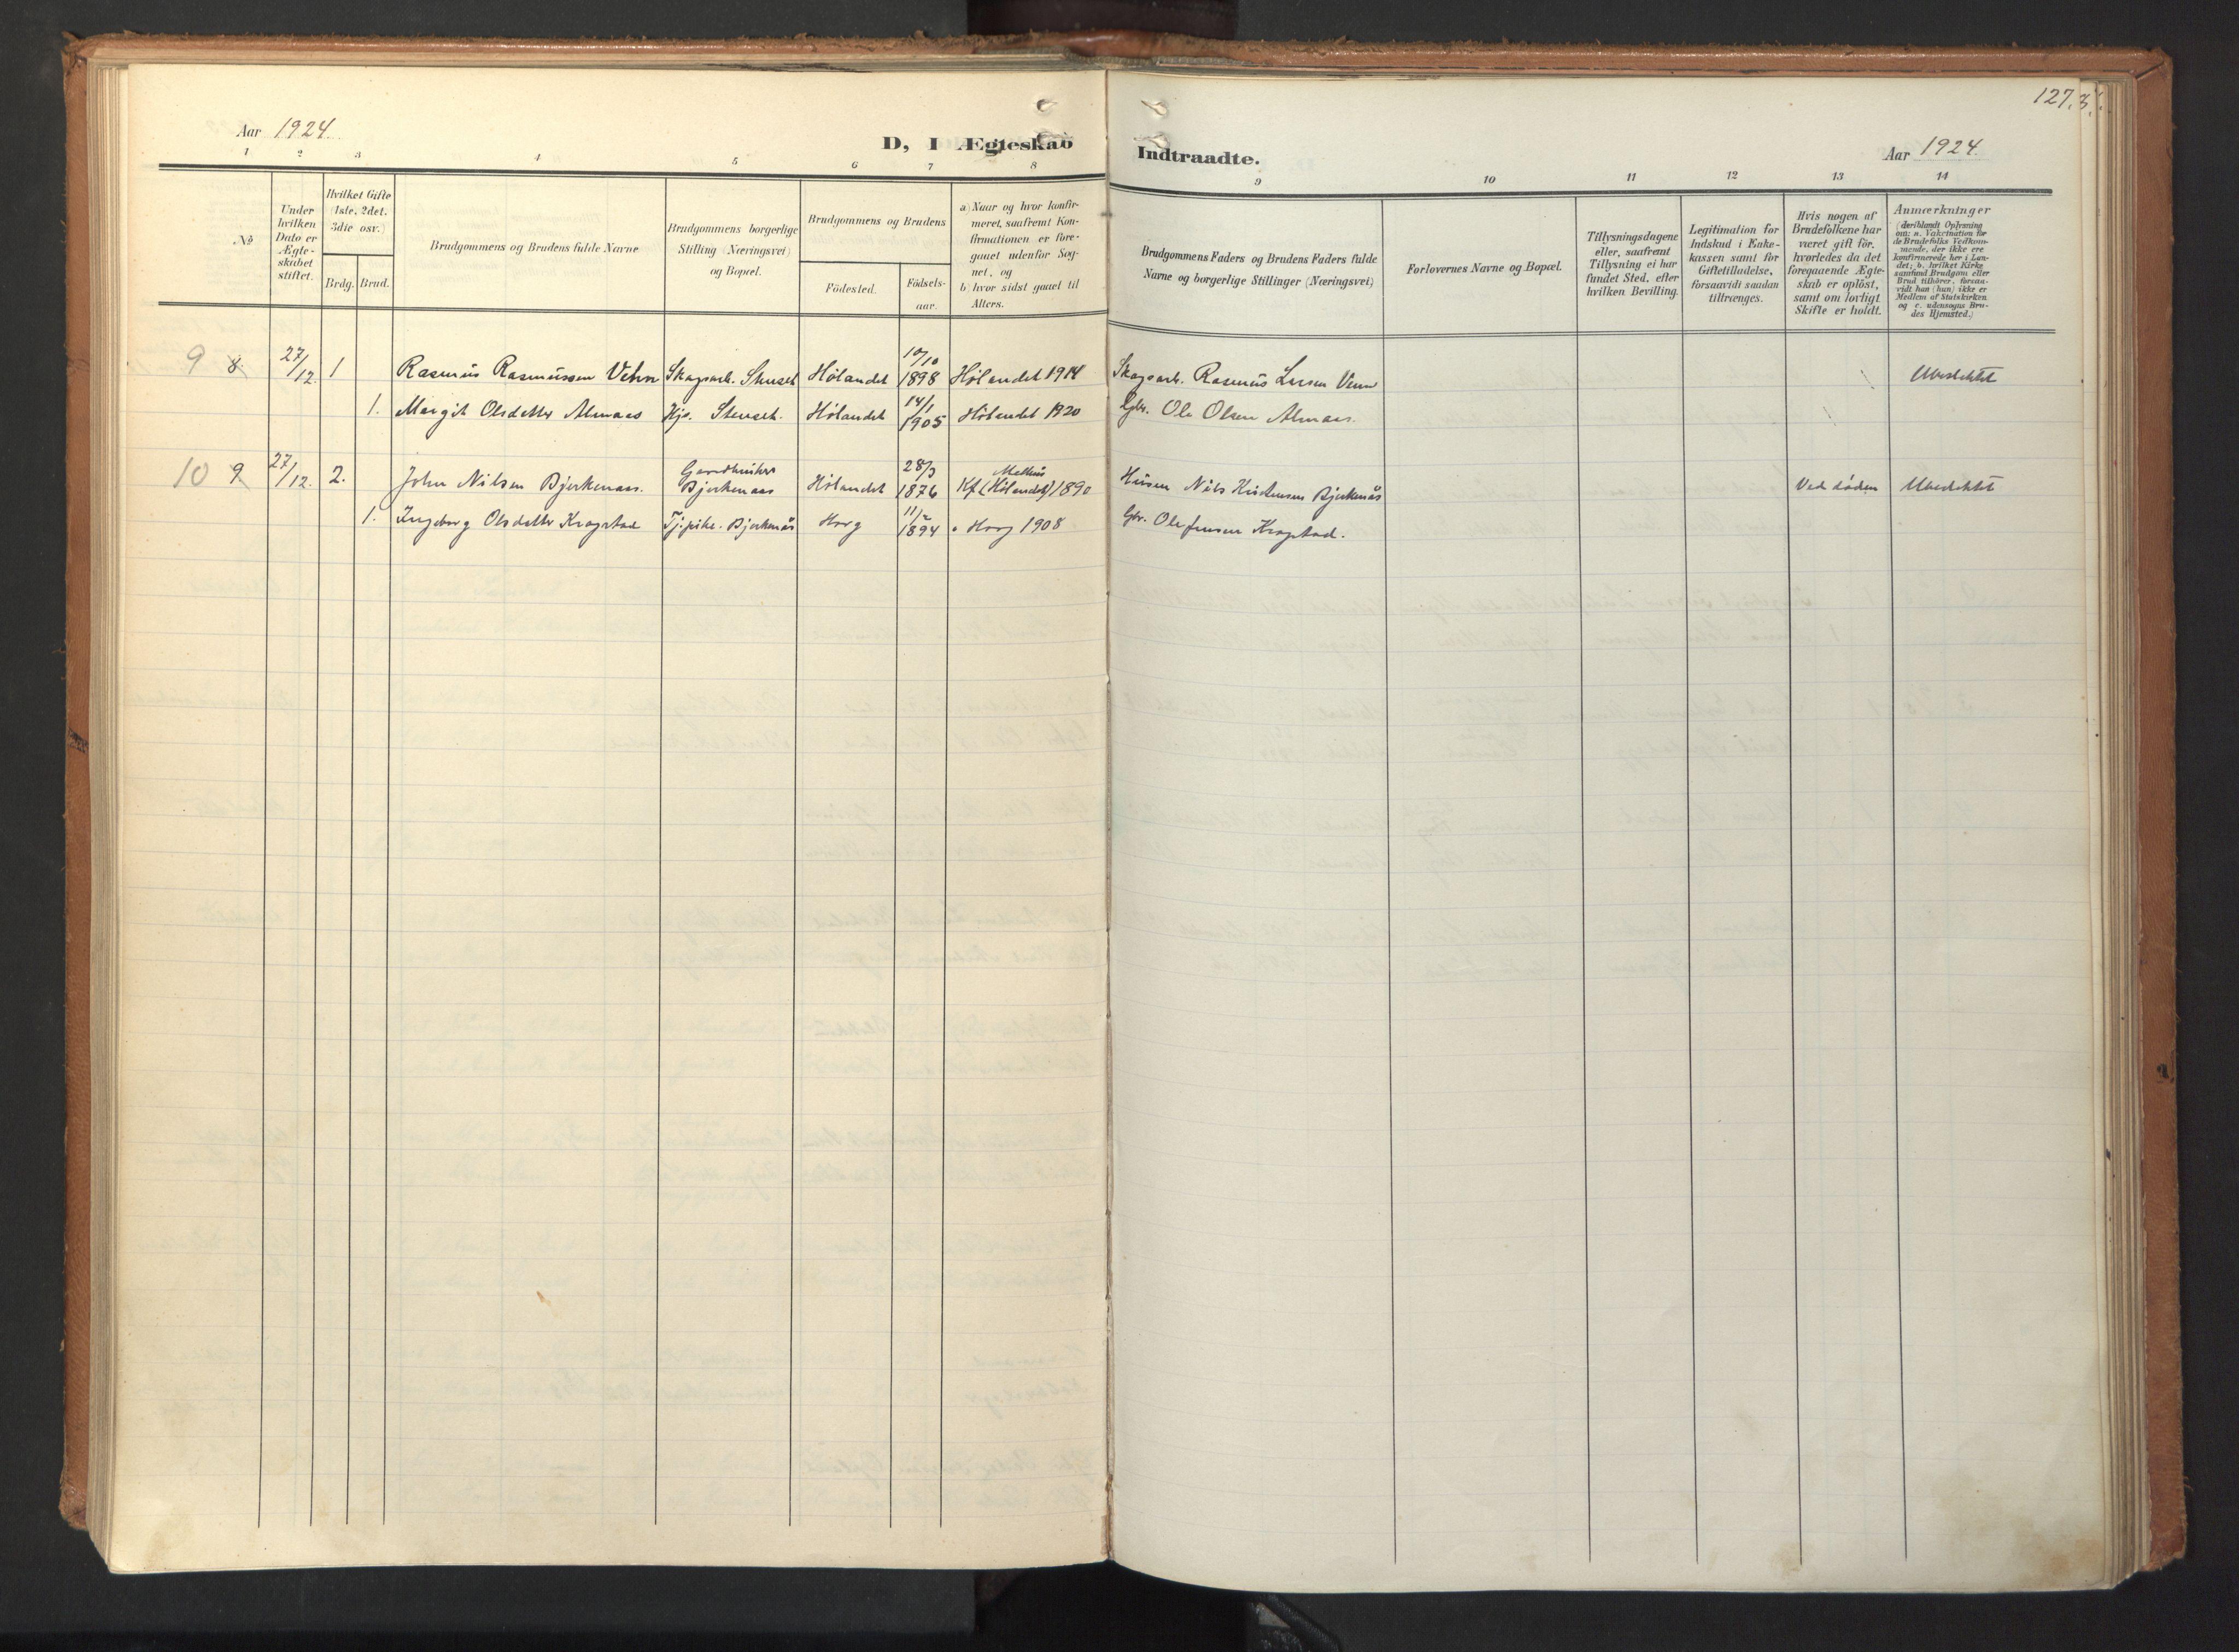 SAT, Ministerialprotokoller, klokkerbøker og fødselsregistre - Sør-Trøndelag, 694/L1128: Ministerialbok nr. 694A02, 1906-1931, s. 127